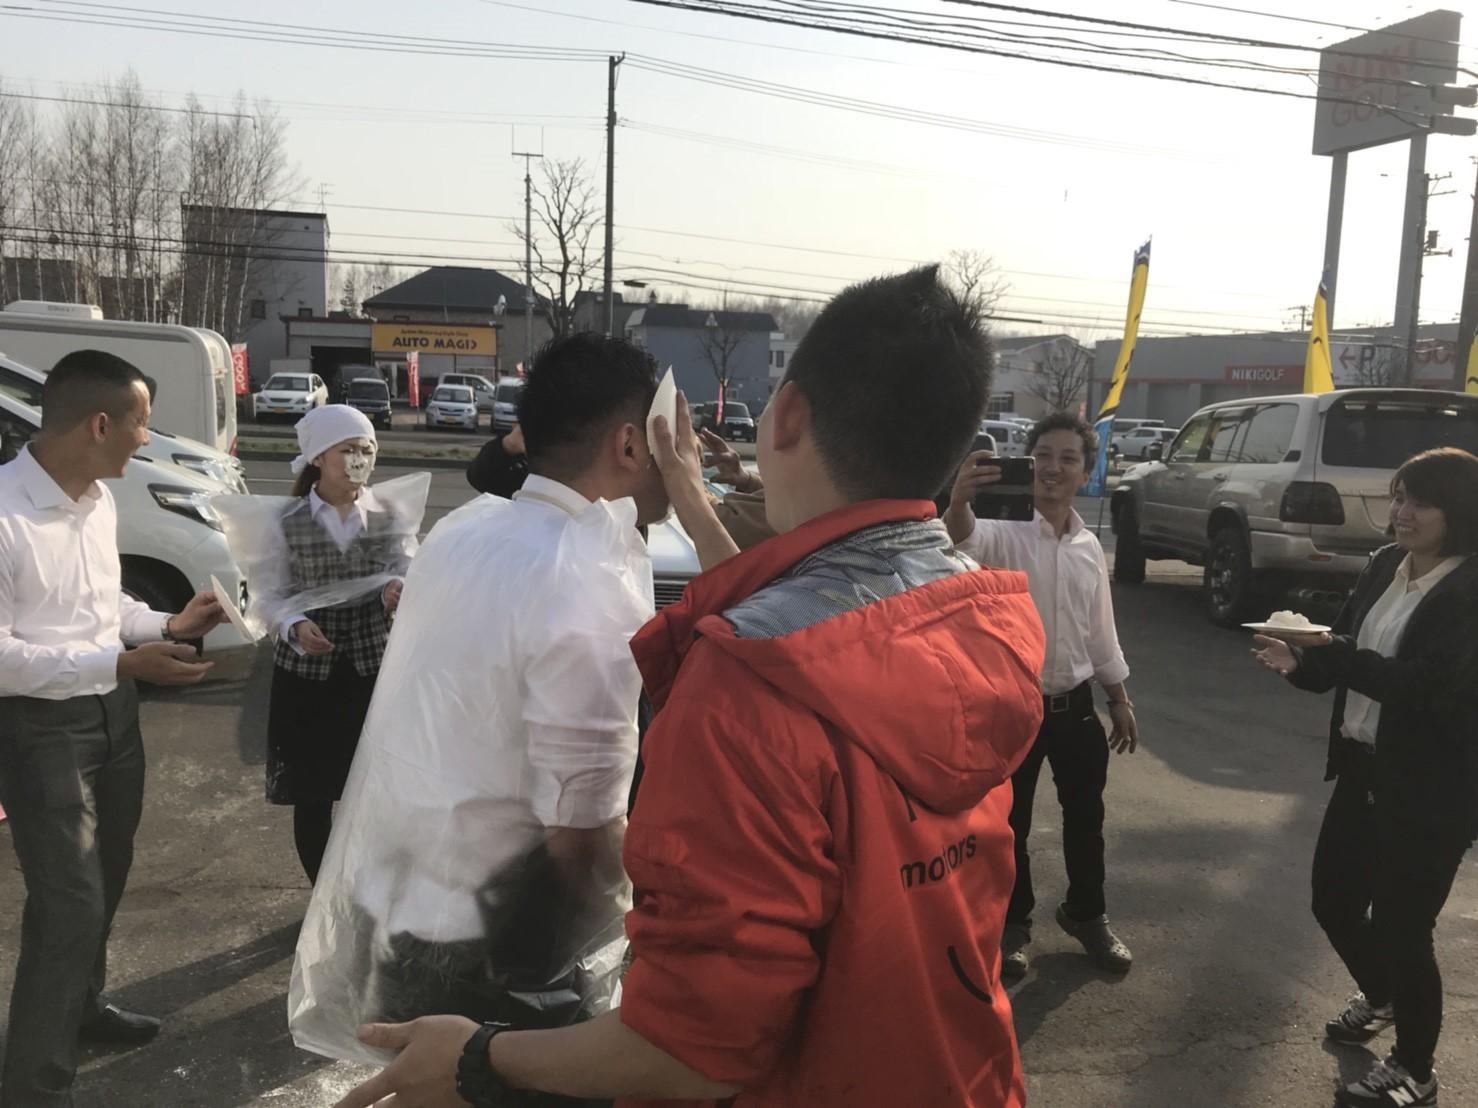 4月23日(月)トミーベース カスタムブログ☆S様キャンバス O様フォレスタ納車☆_b0127002_13053273.jpg